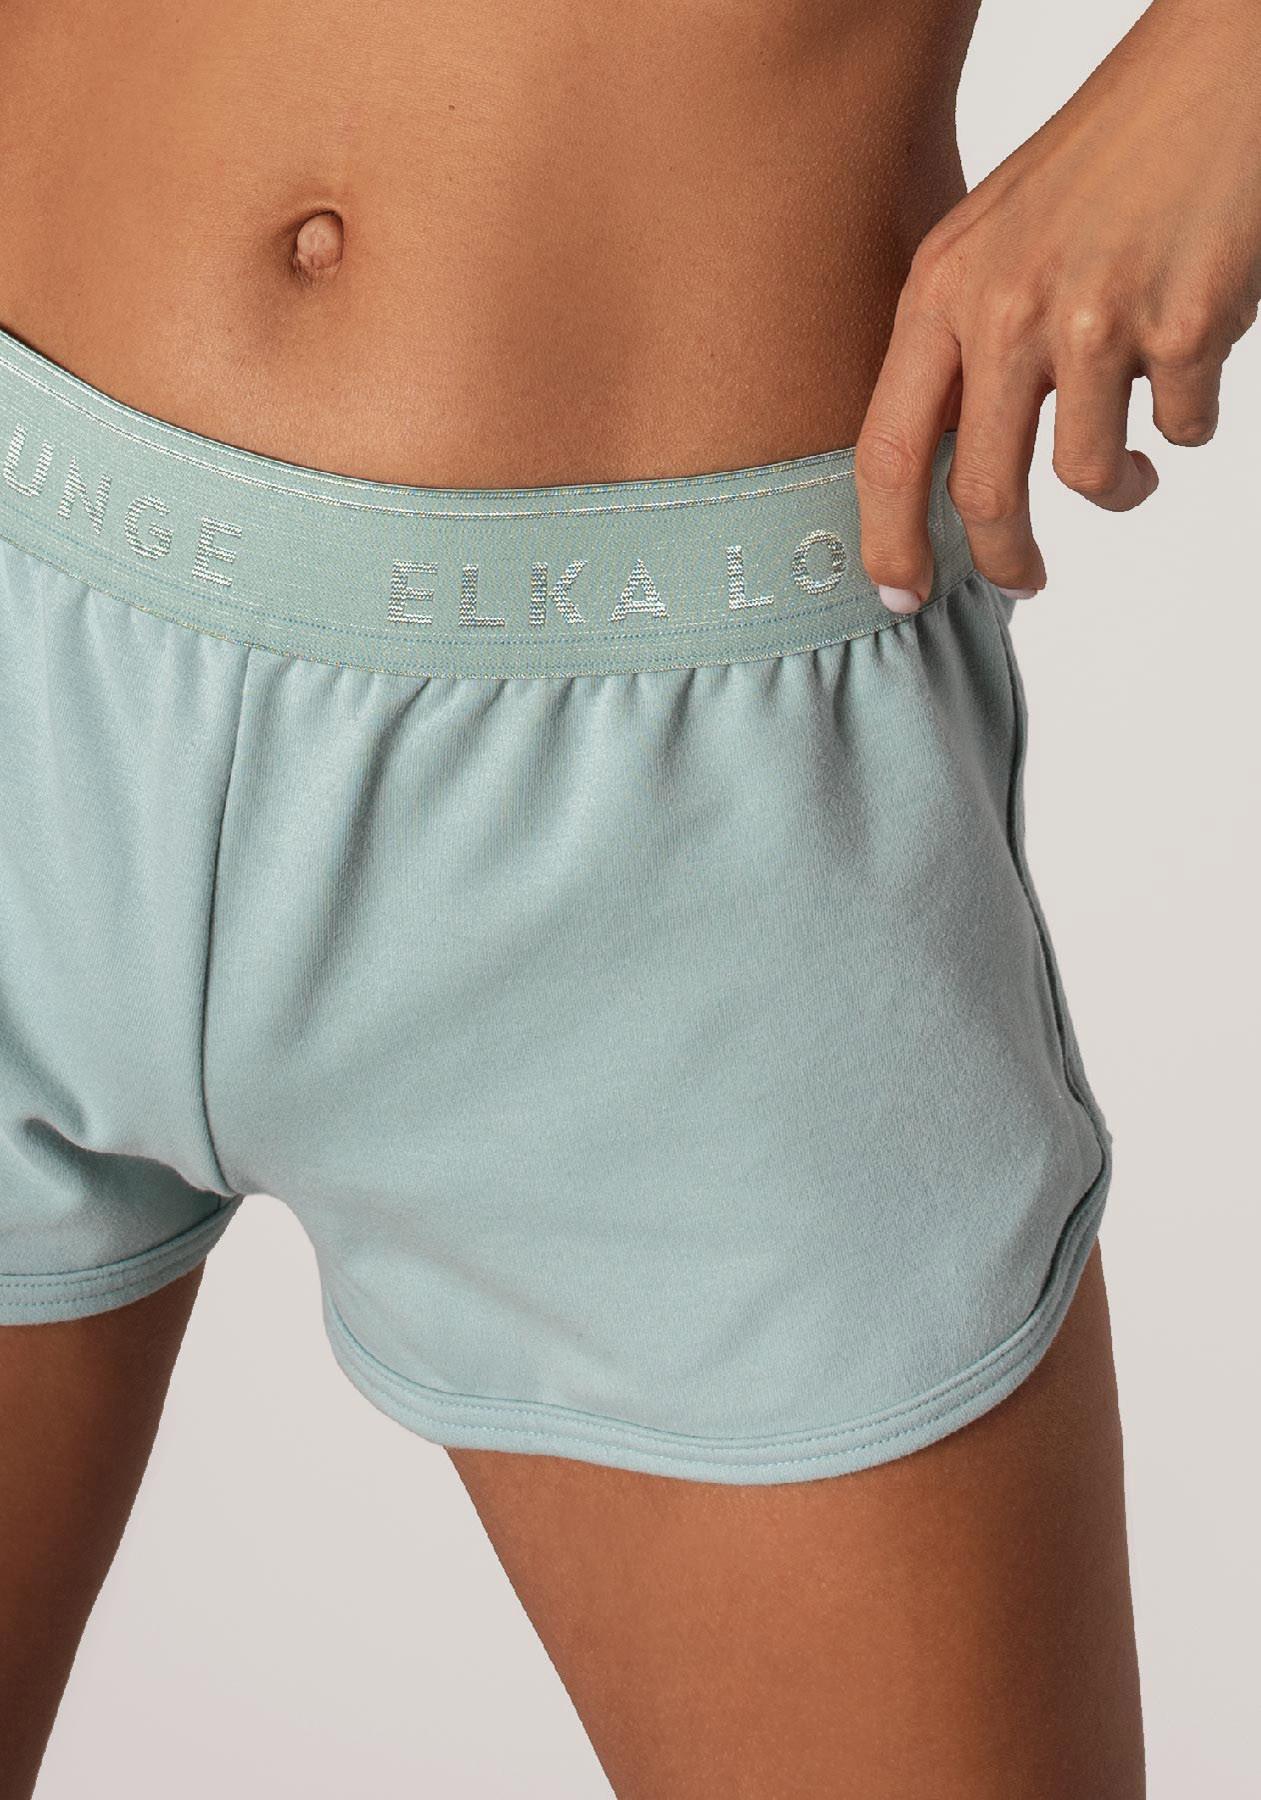 Women-shorts,sweatshirt-ELKA-Lounge-W00549,554